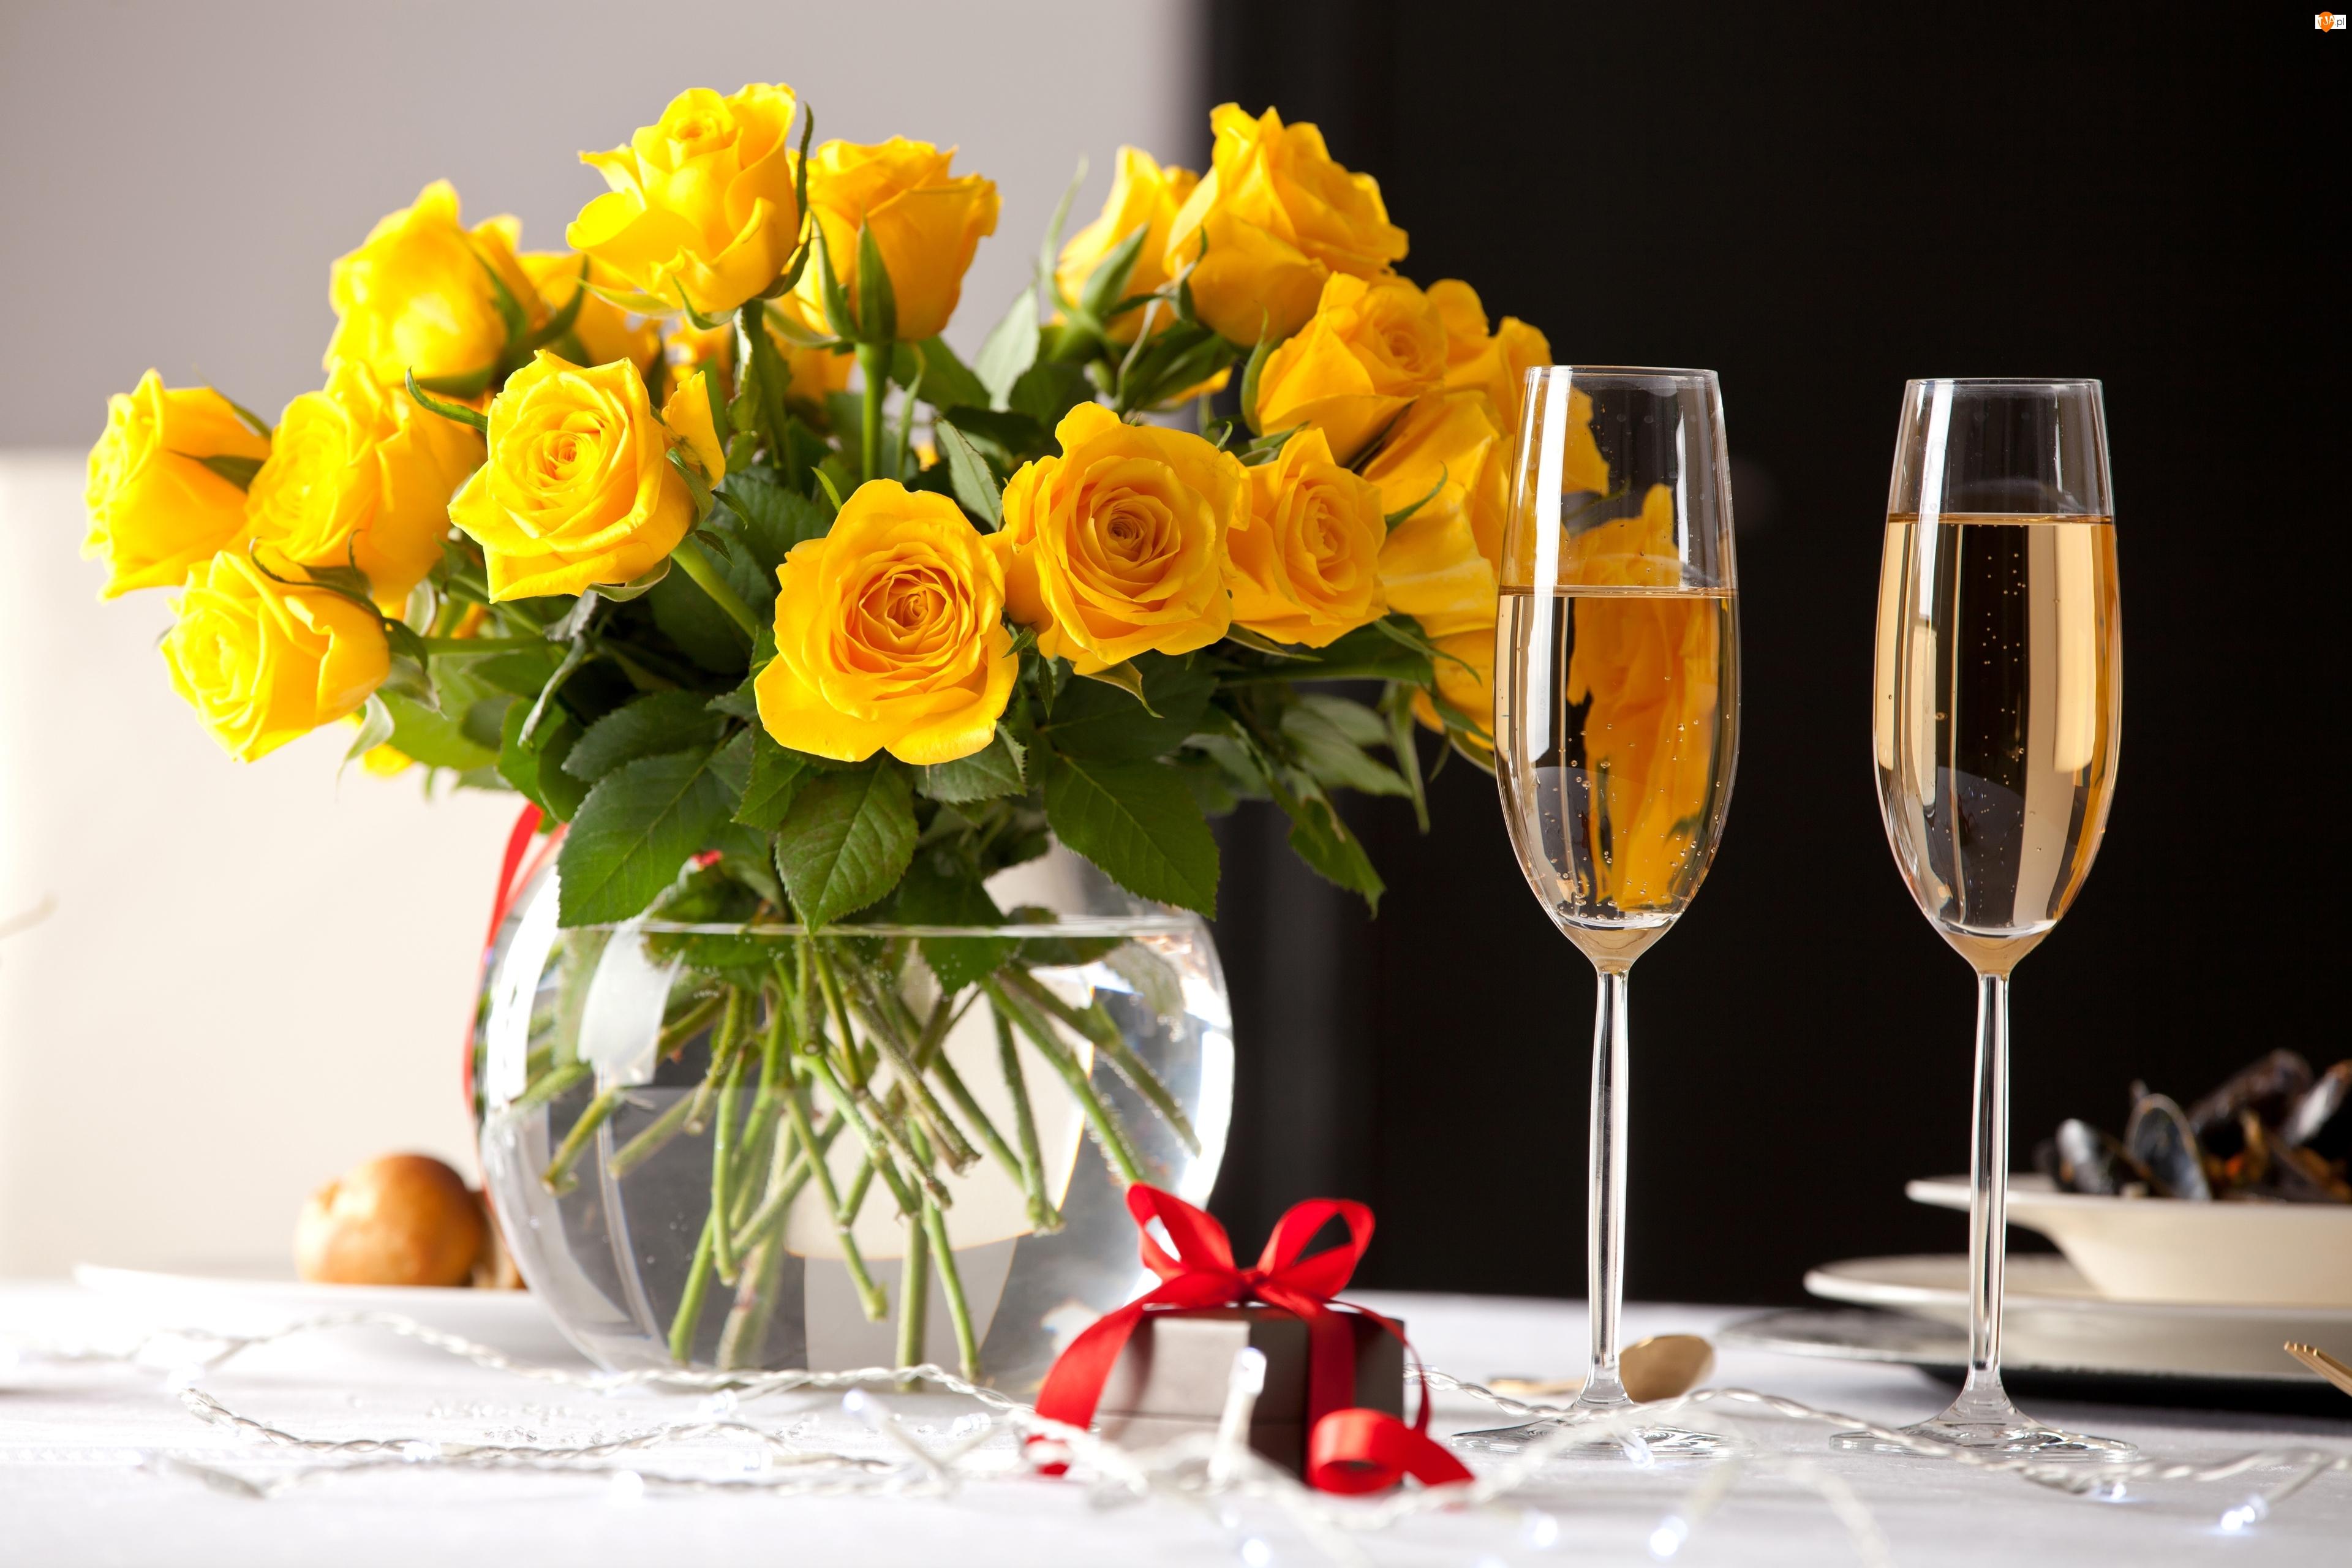 Żółte, Róże, Prezent, Wazon, Wino, Białe, Kieliszki